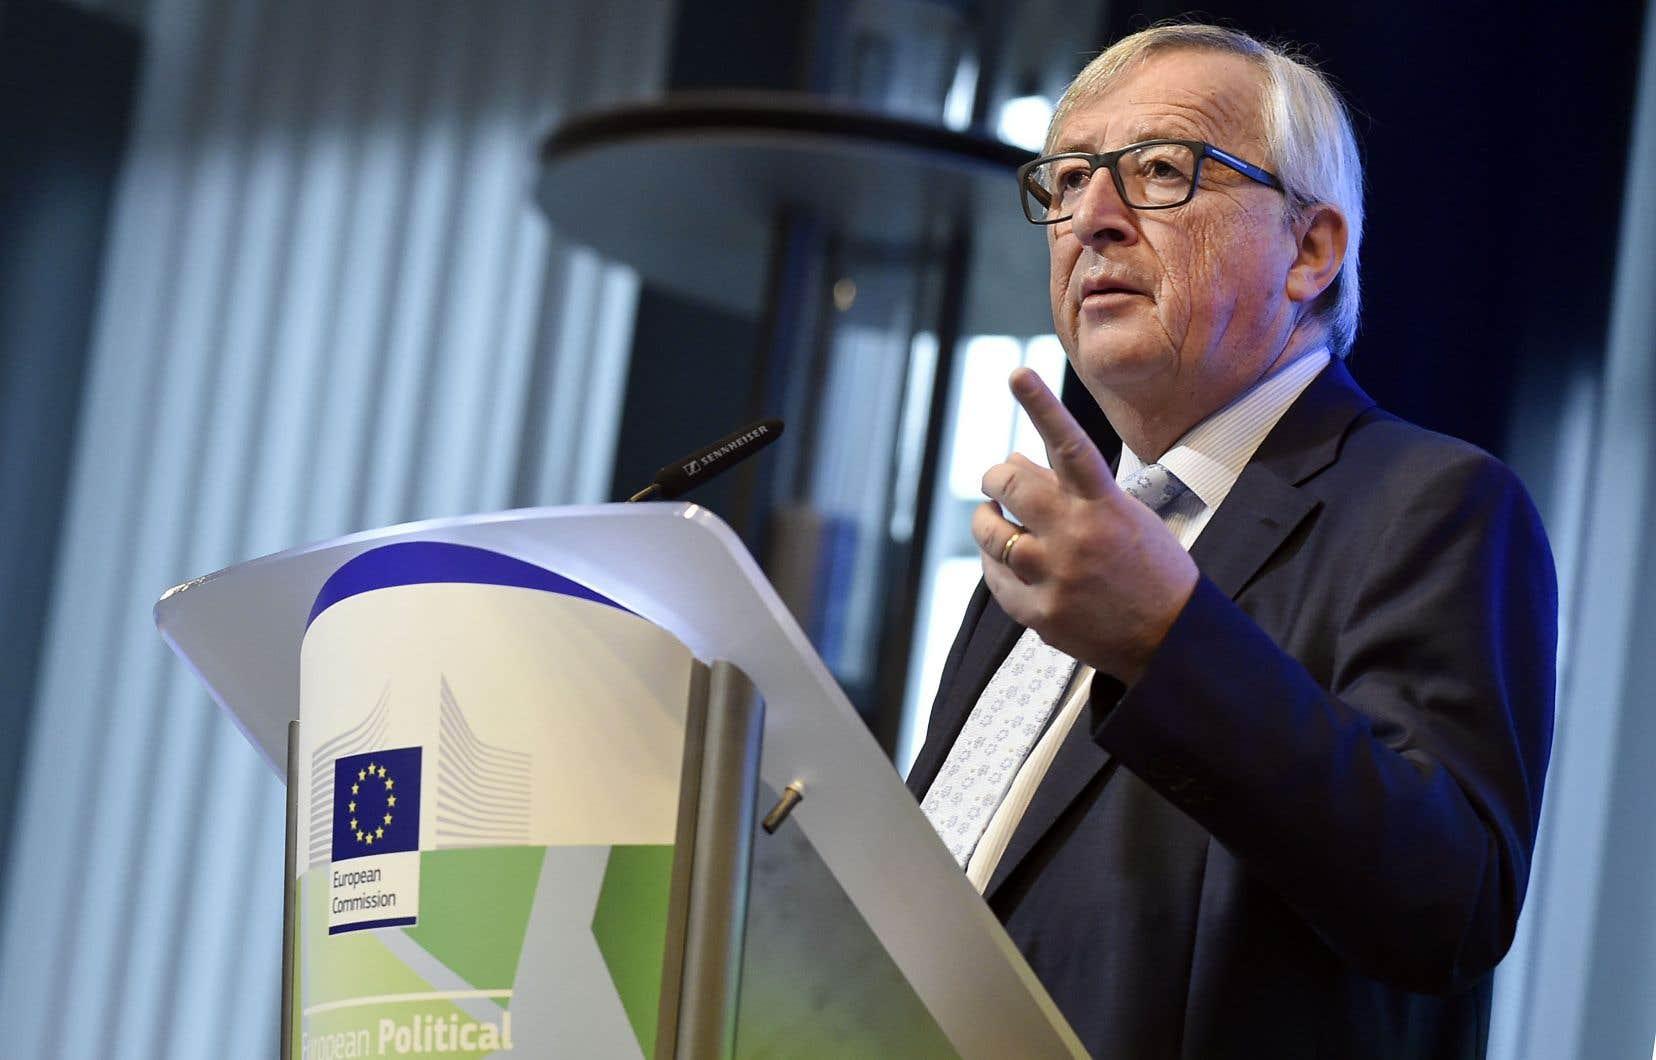 Le président de l'Union européenne, Jean-Claude Juncker, lors d'une conférence marquant le coup d'envoi d'un débat sur le prochain «cadre financier pluriannuel» de l'UE, lundi à Bruxelles. «Nous arrivons aux limites de nos possibilités», a-t-il prévenu.